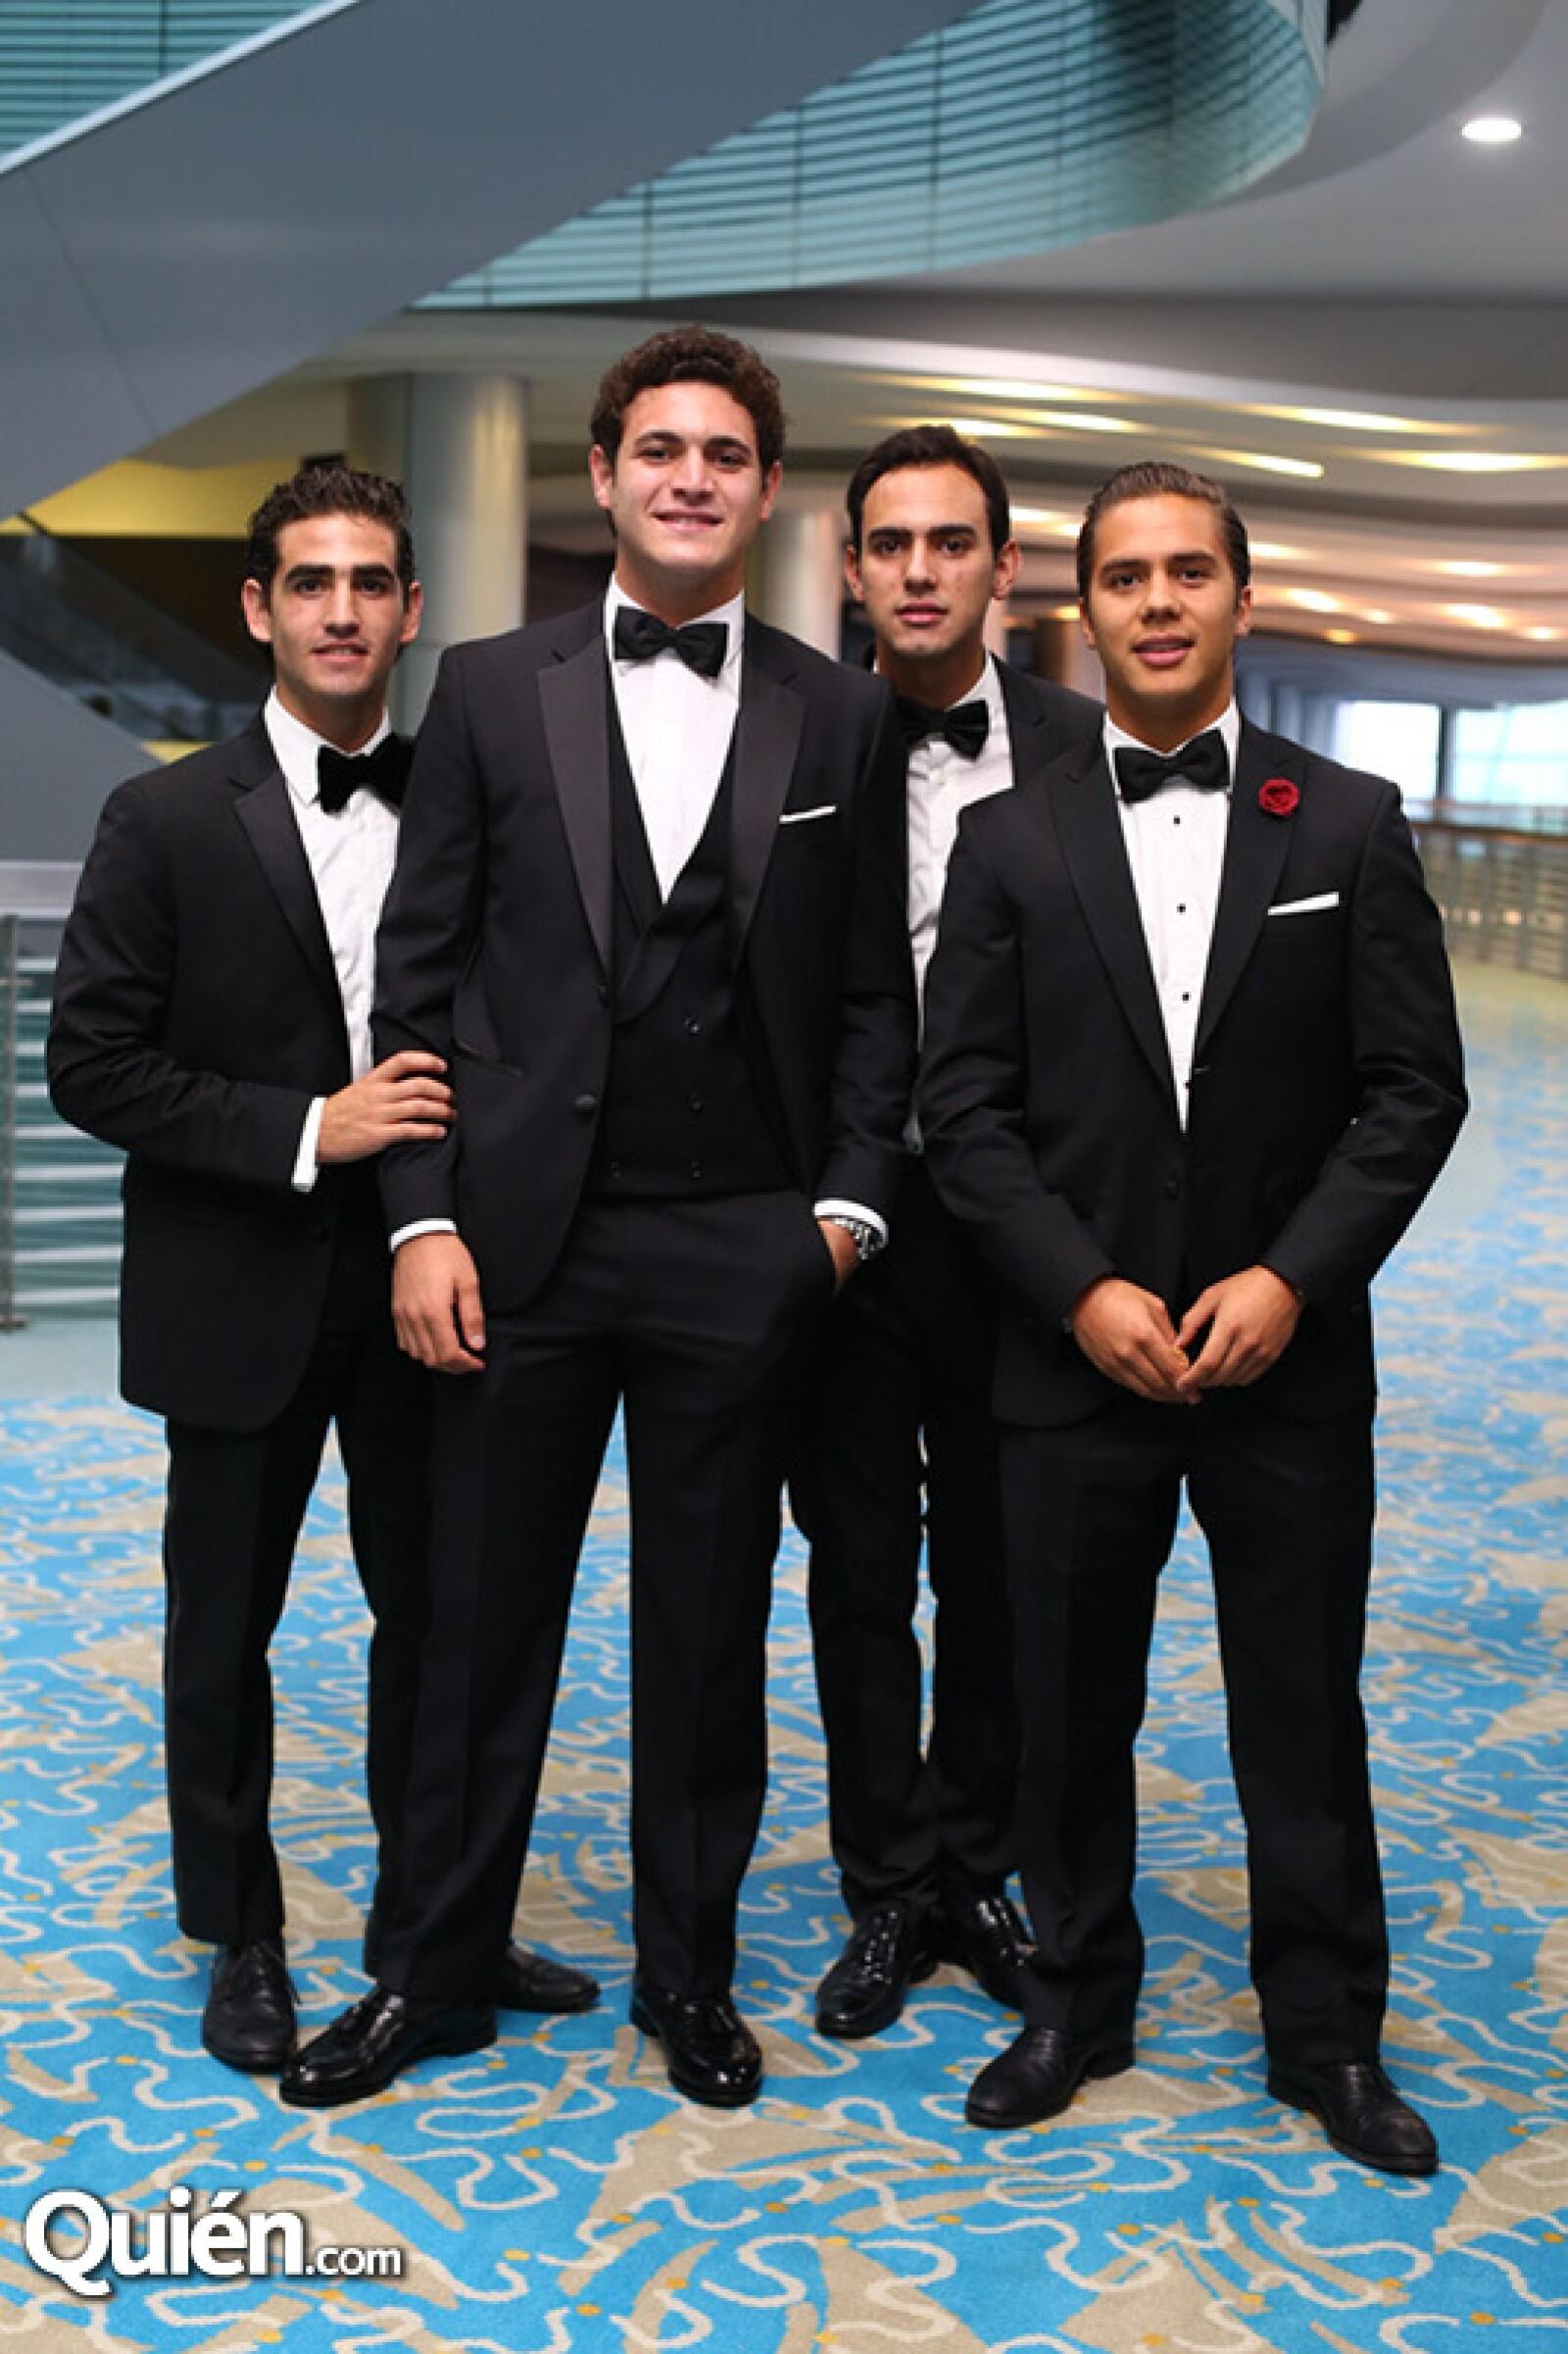 José María Gallego, José Sesín, Patricio Uribe, Sebastian Rodríguez y José Antonio Ruíz